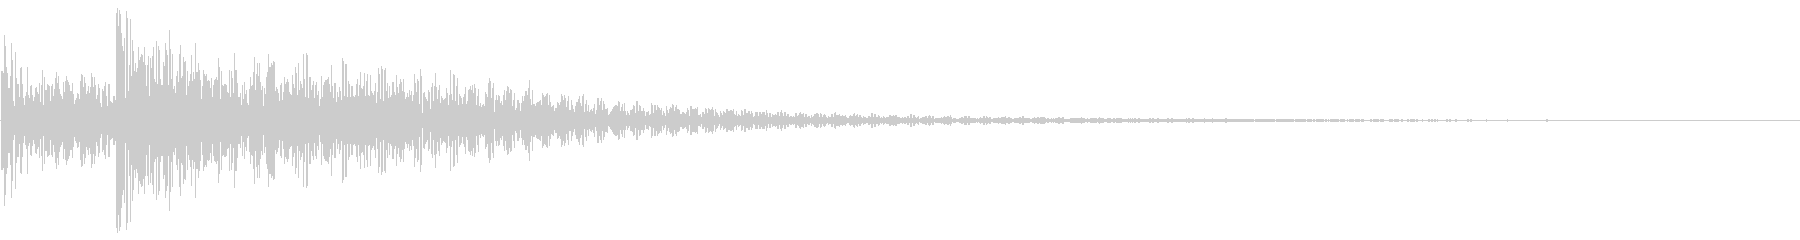 ドドン(ティンパニ)の未再生の波形